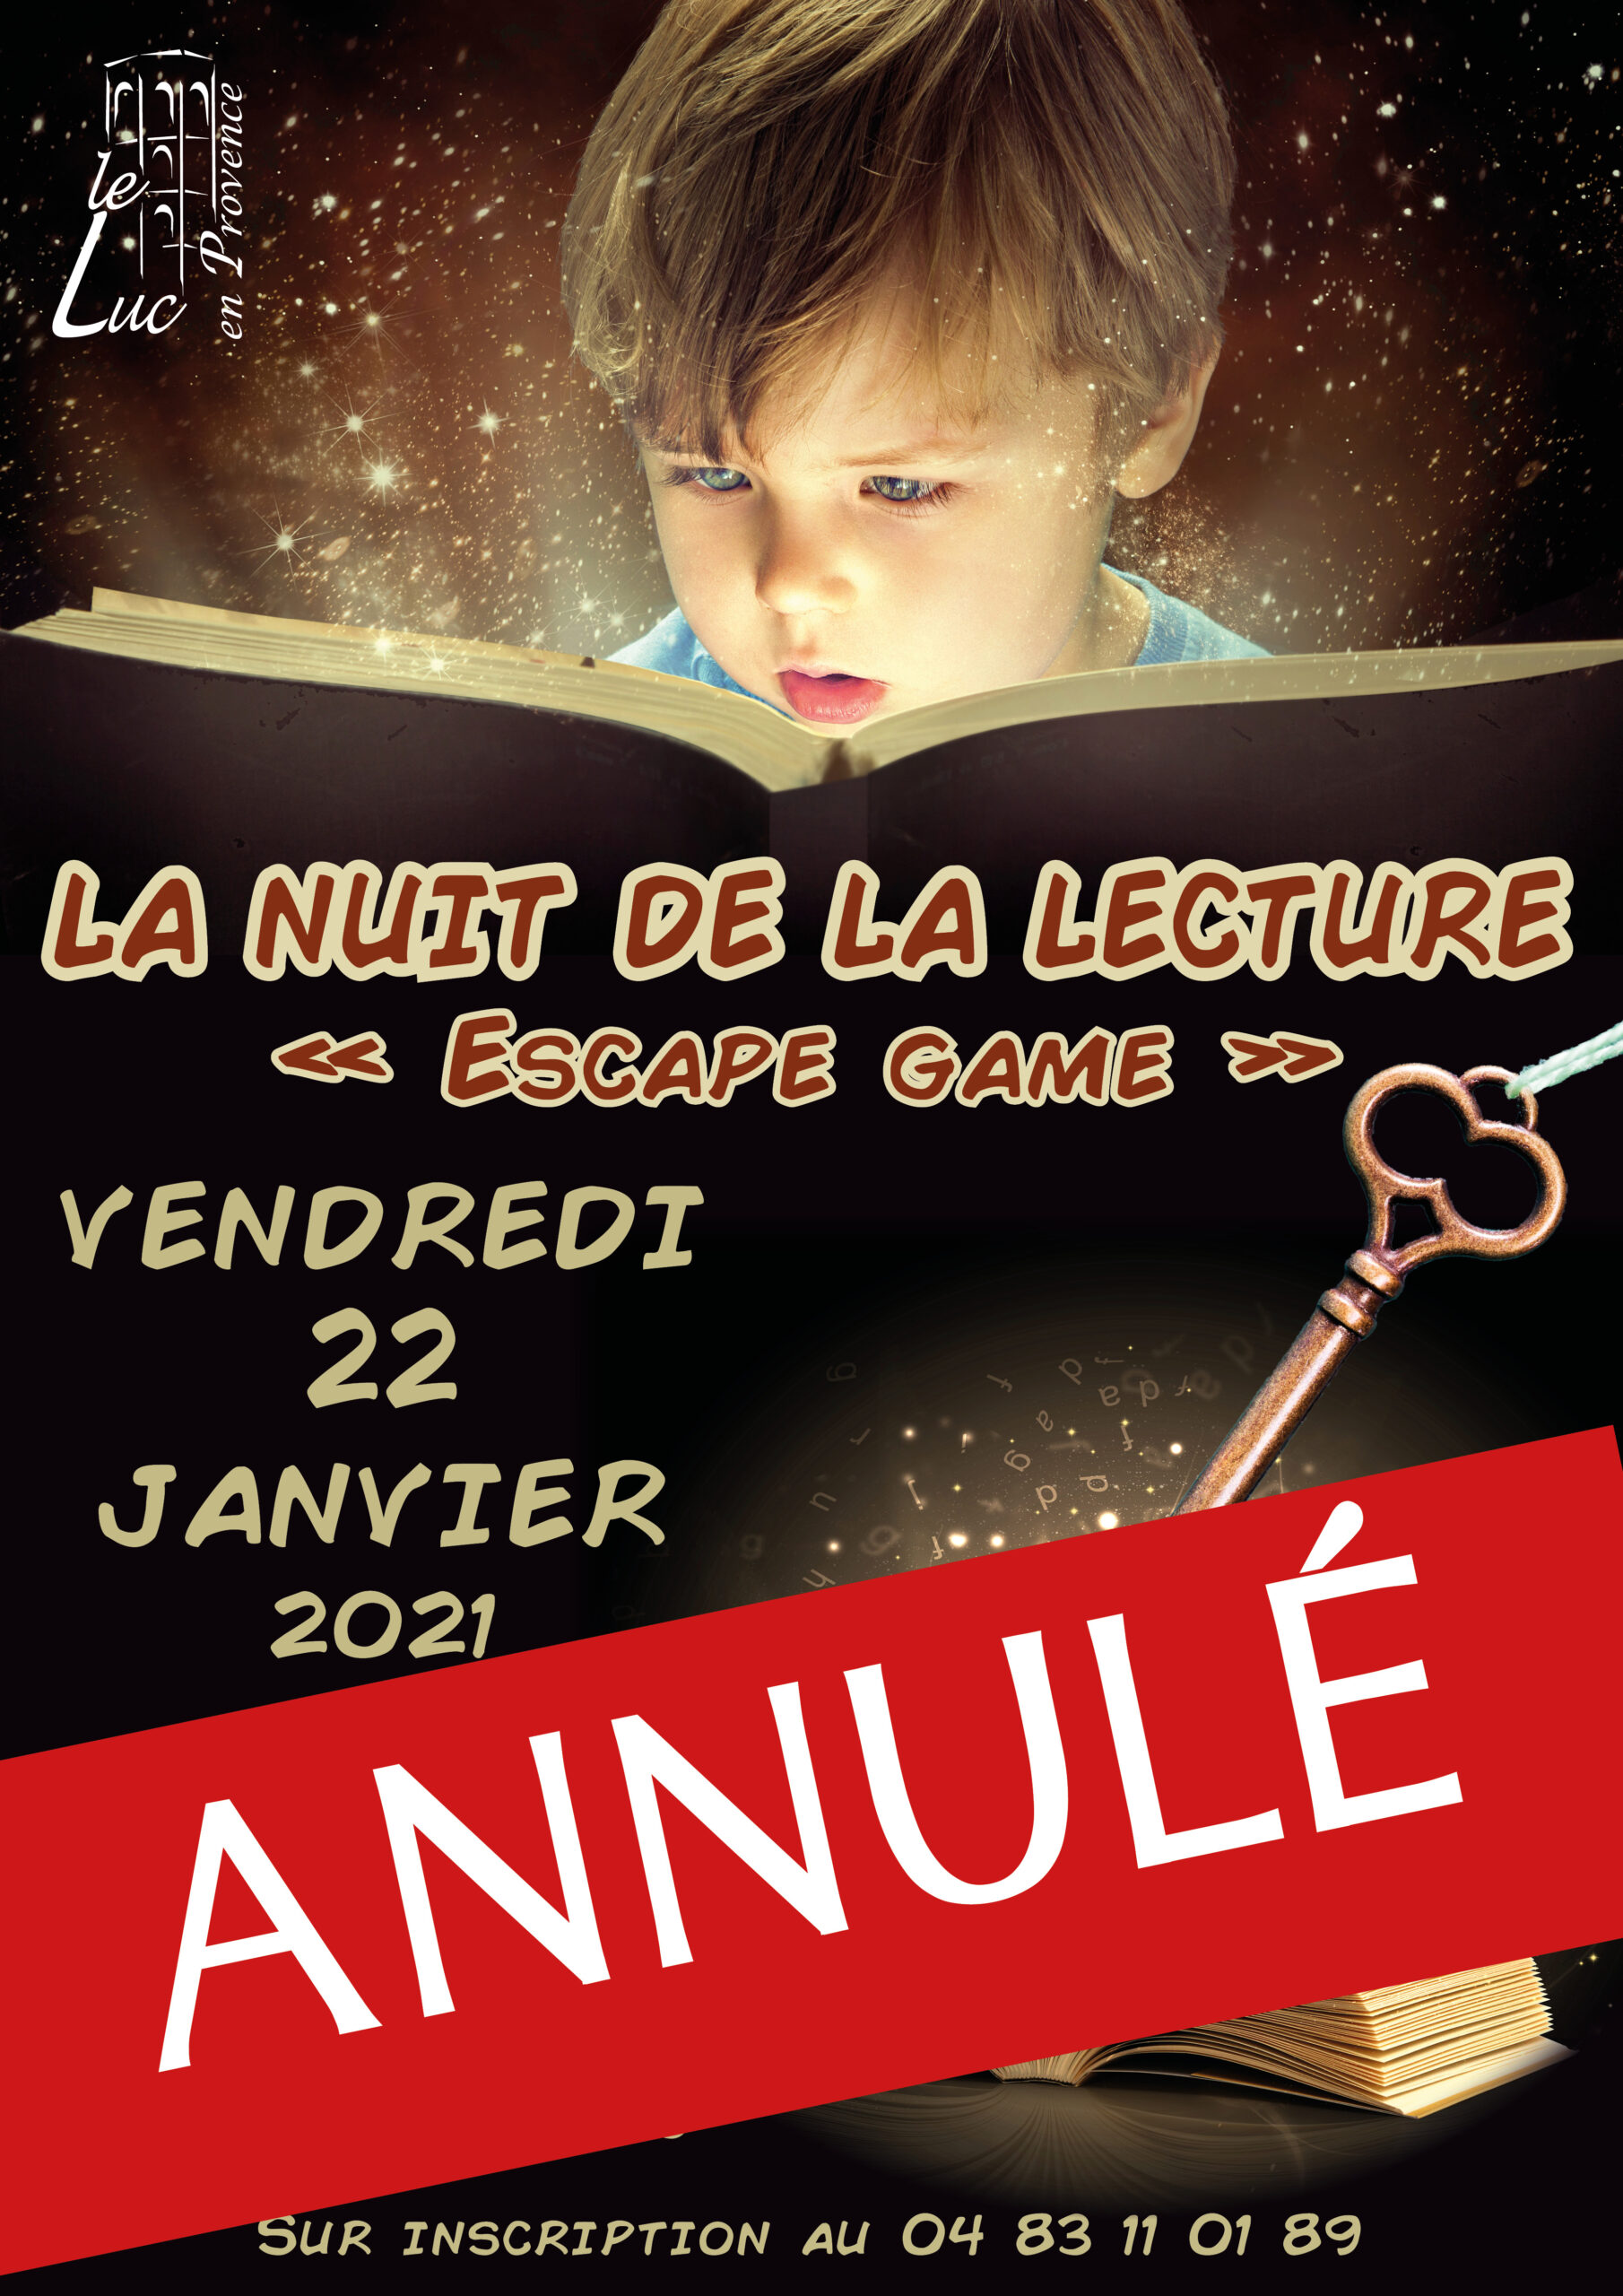 Vendredi 22 janvier, Nuit de la lecture : escape game